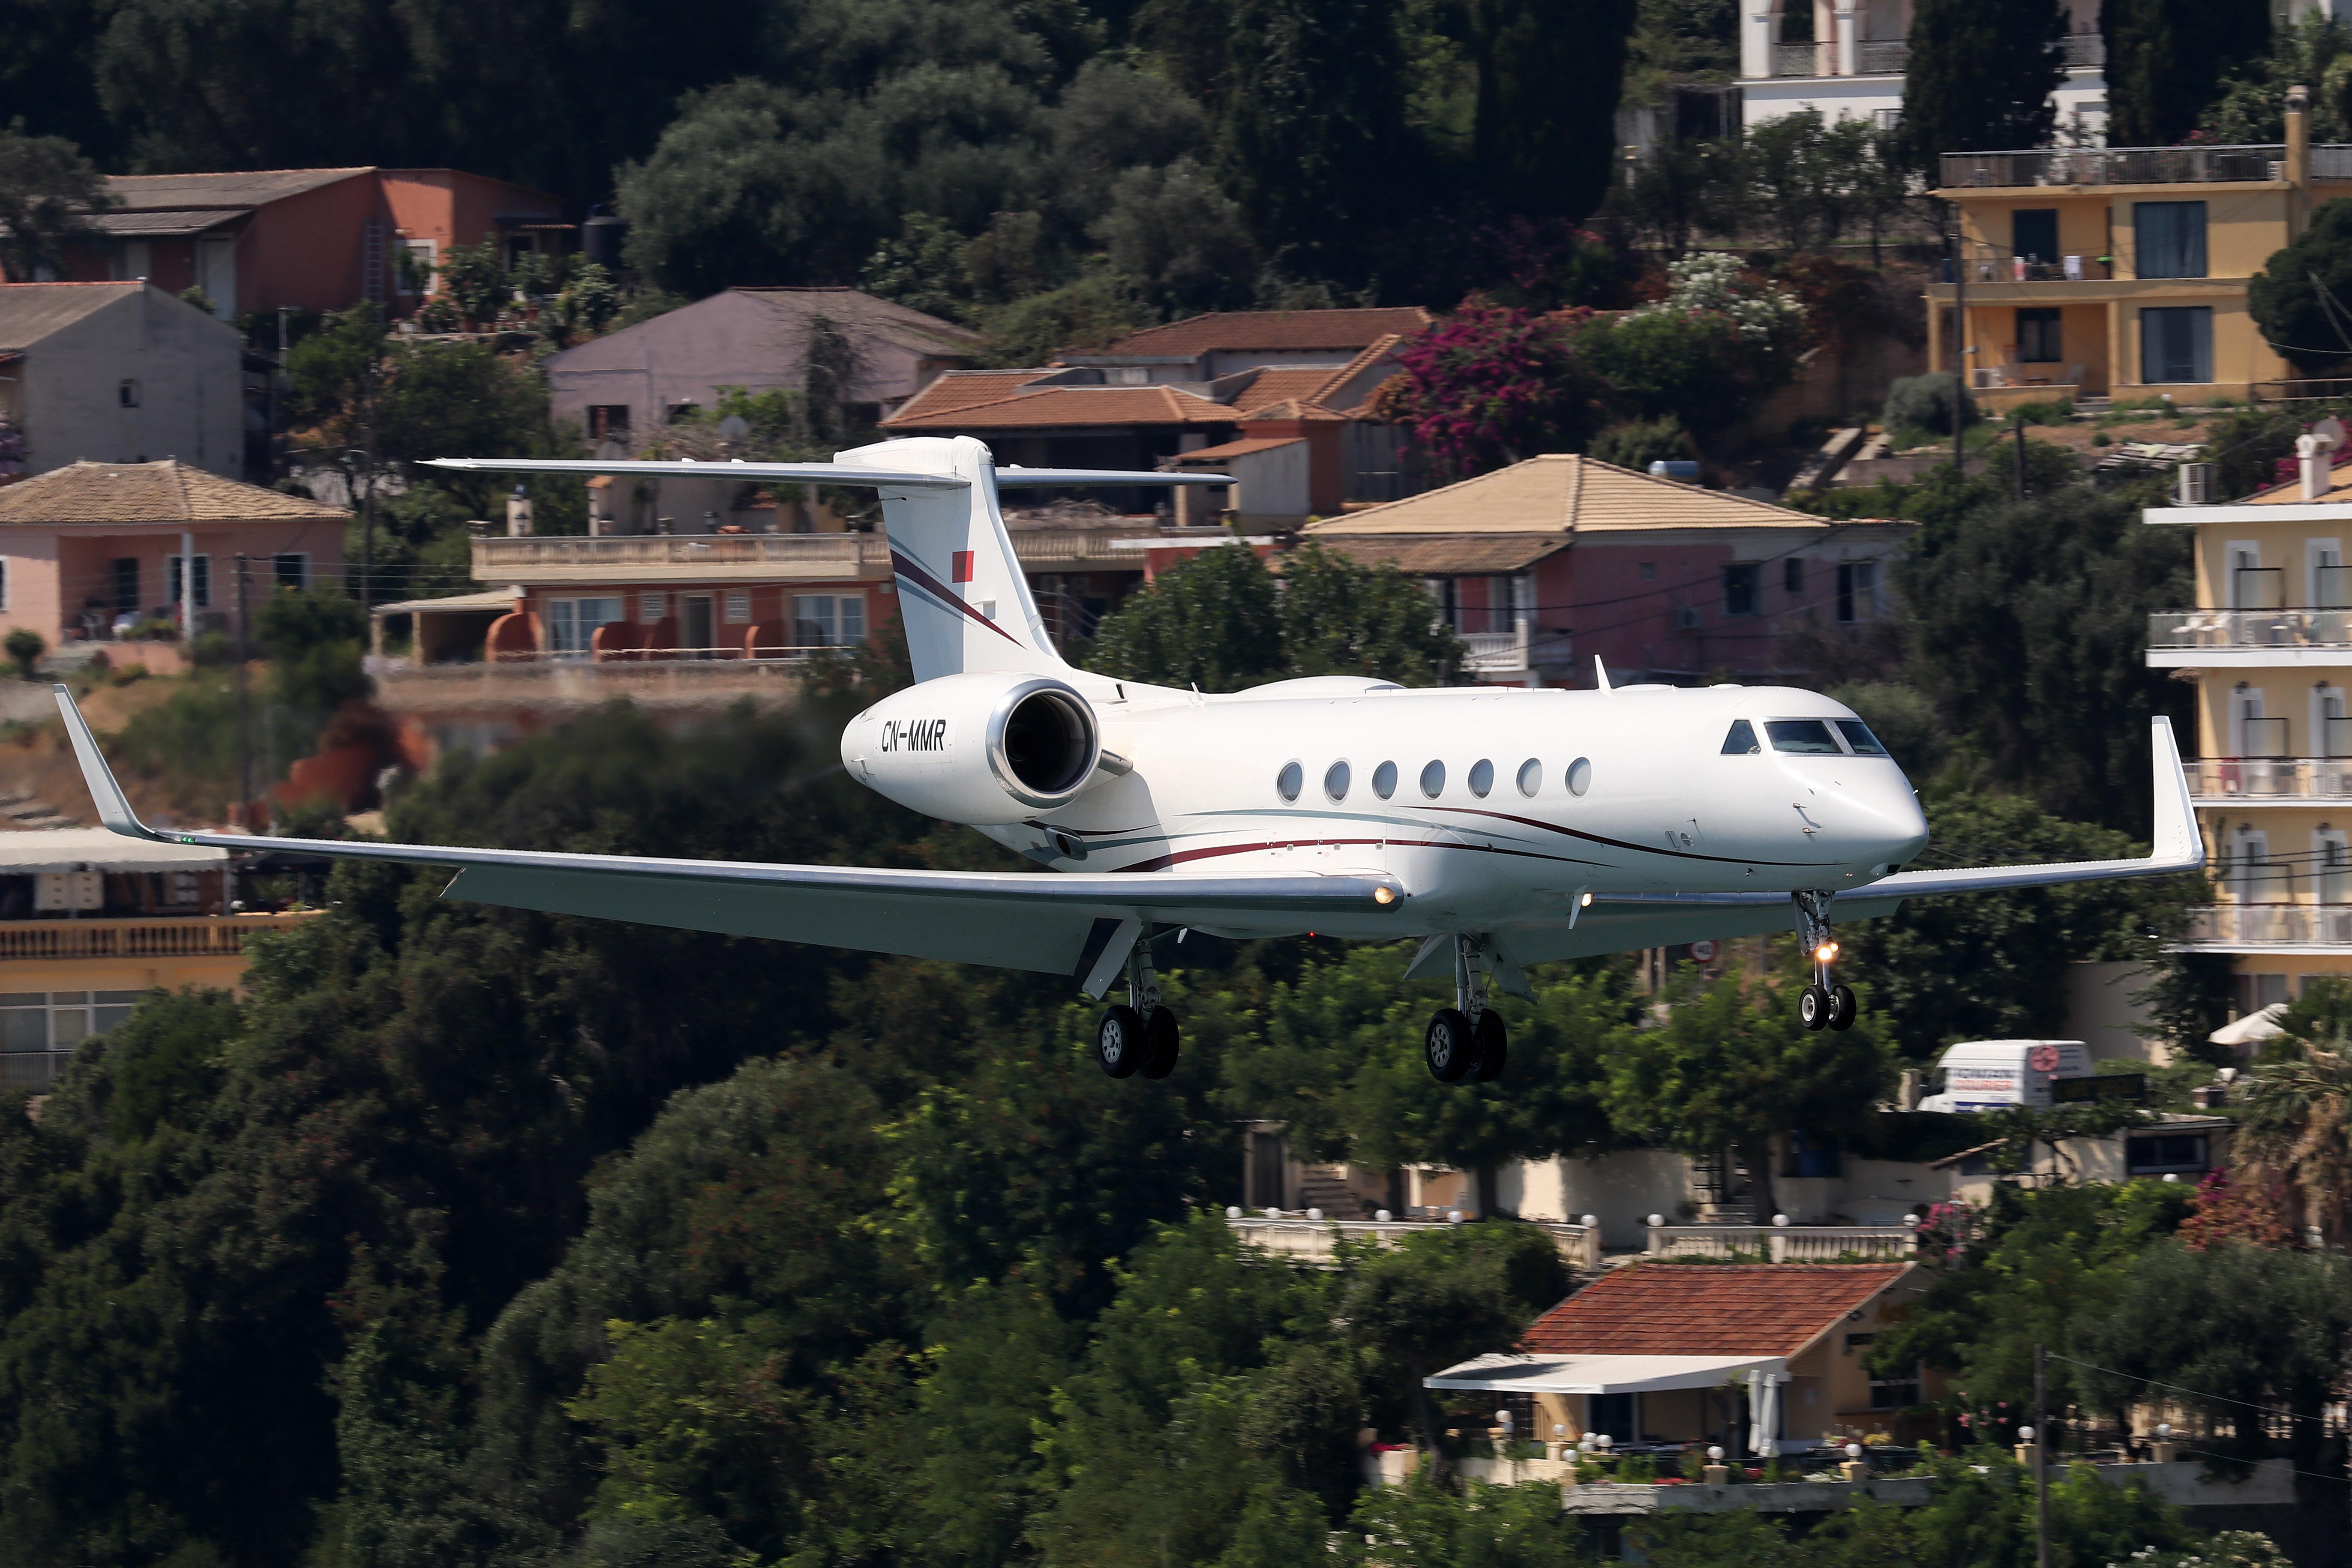 FRA: Avions VIP, Liaison & ECM - Page 23 48832943642_def0f4c85c_o